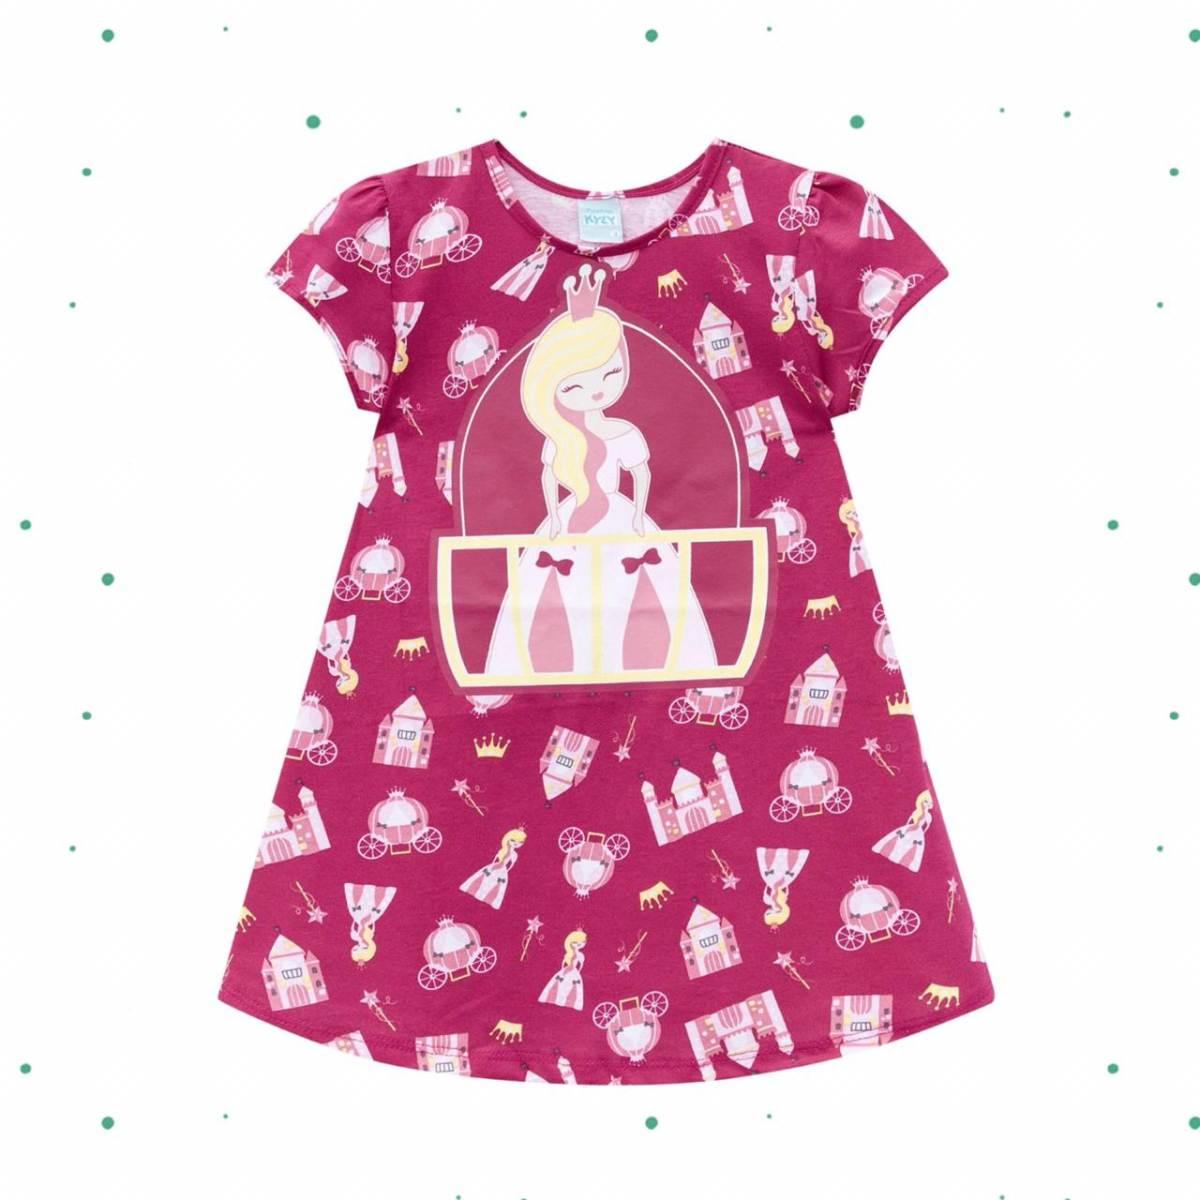 Camisola Infantil Kyly em Algodão Brilha no Escuro cor Pink